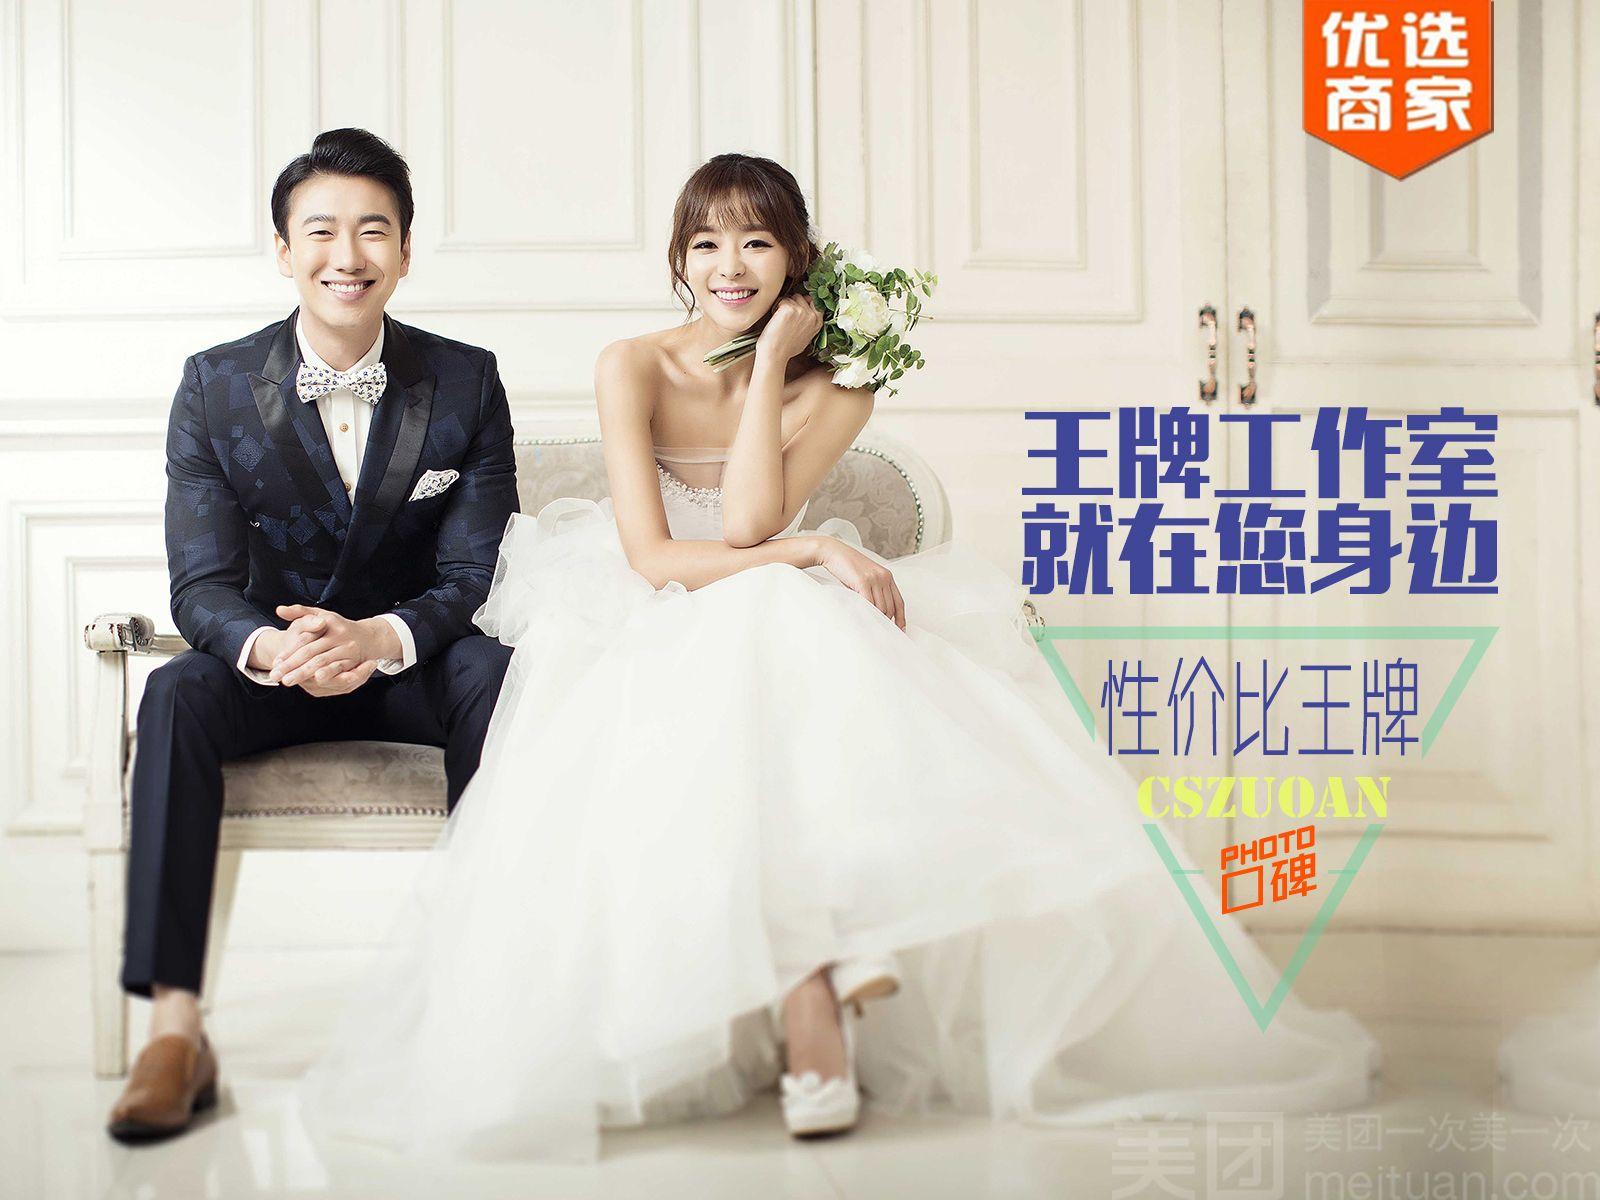 【左岸婚纱摄影(星沙店)】左岸婚纱摄影 长沙婚纱照 韩式欧式结婚照